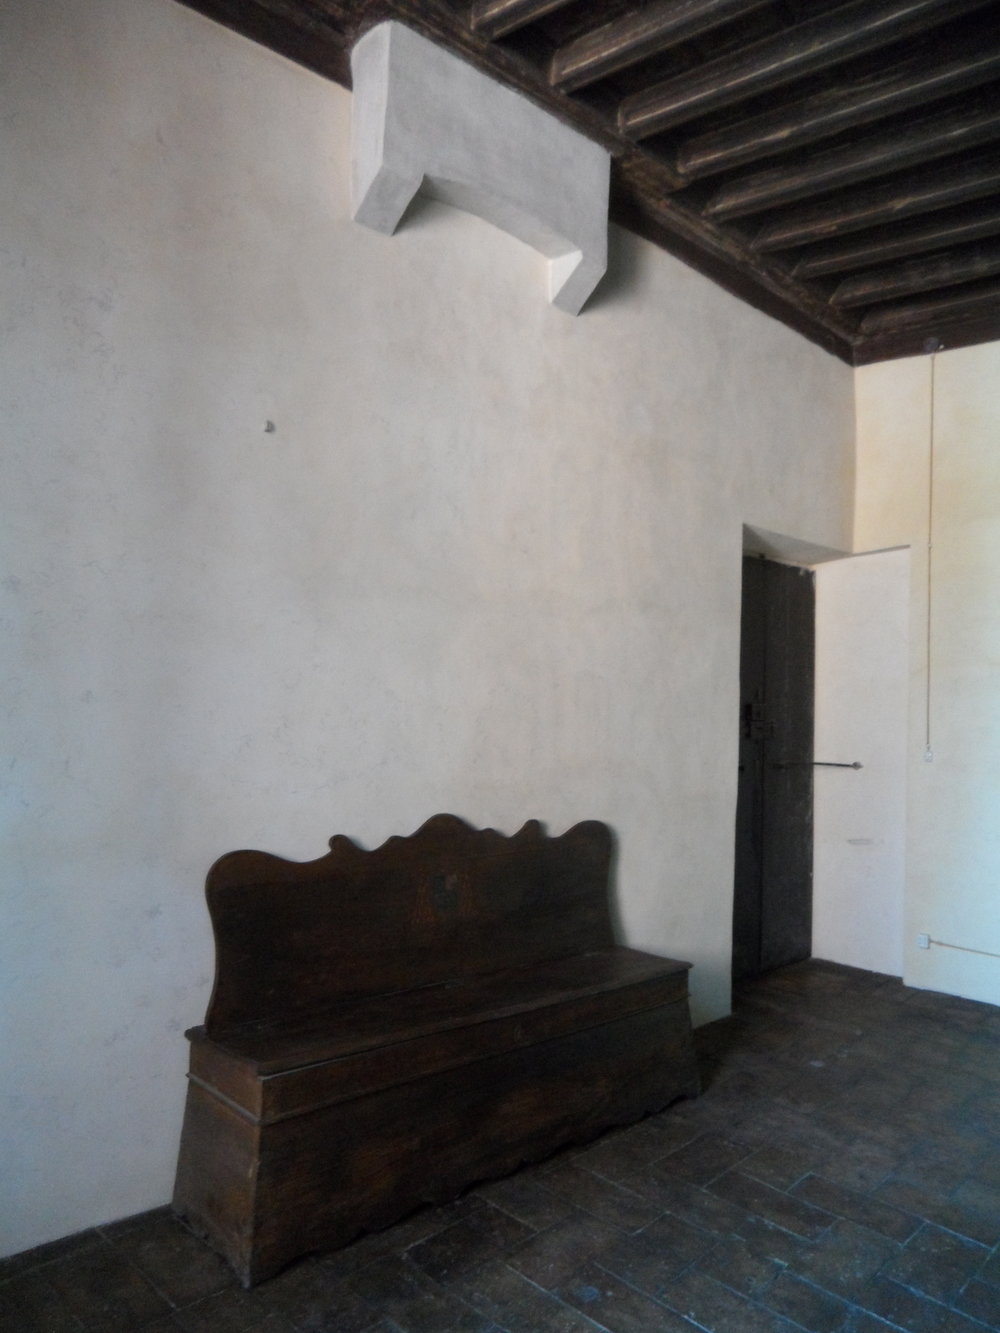 Palazzo Alberti mit freundlicher Genehmigung Christoph Timpe